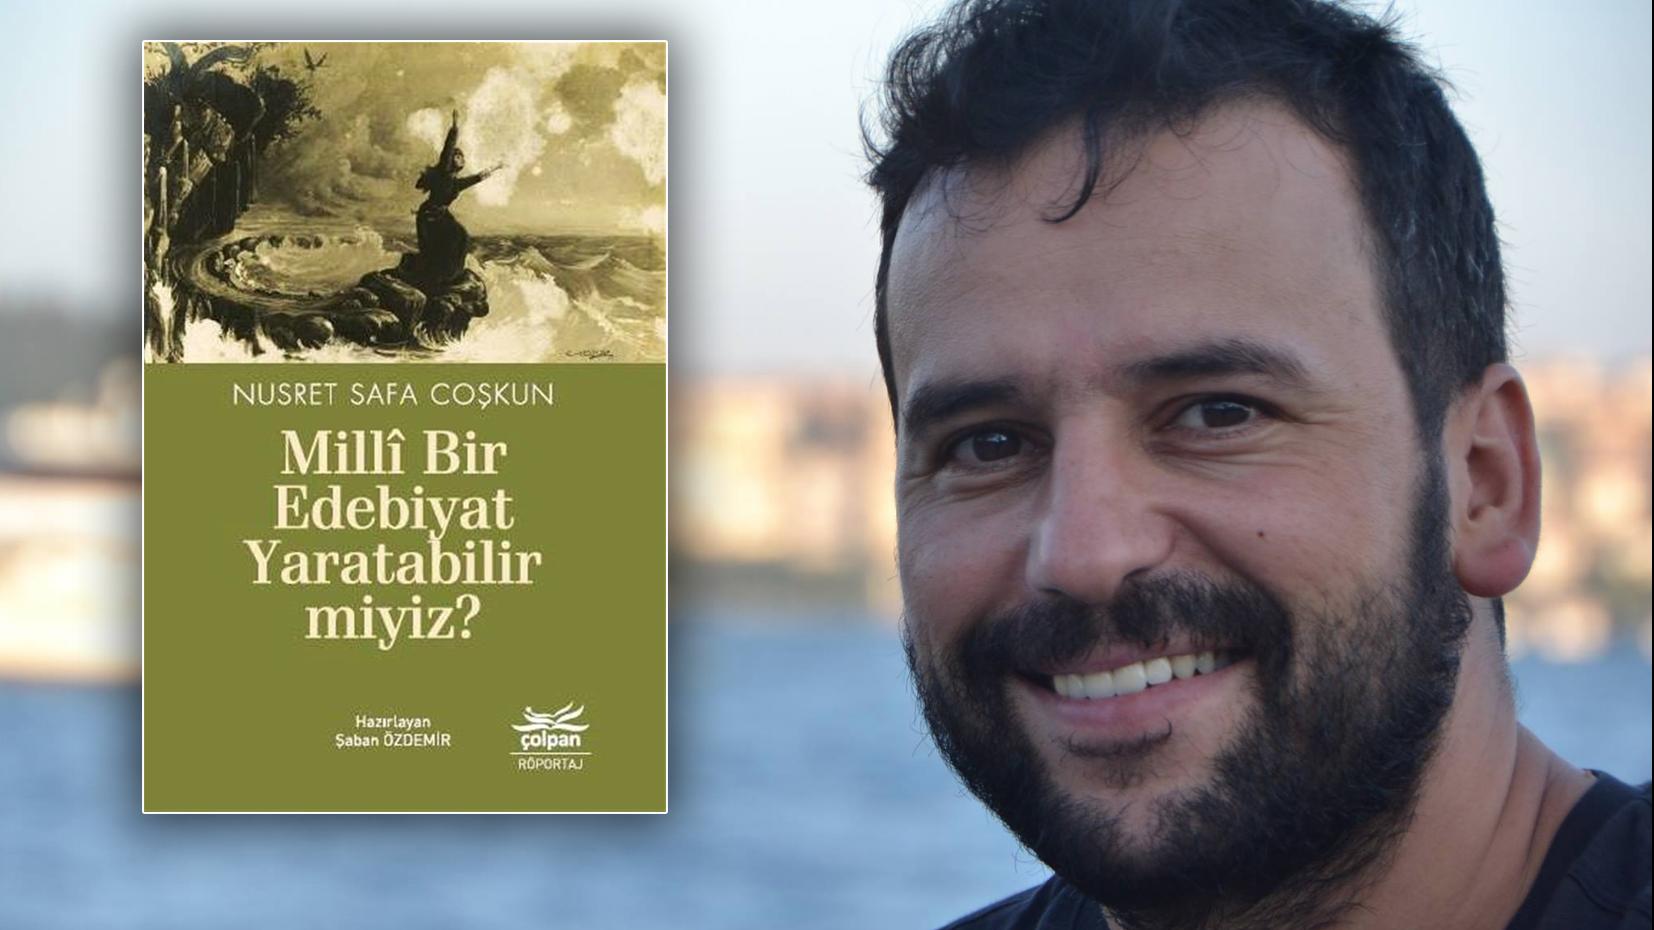 TANER AY: Edebiyatımızın gizli kahramanı: Şaban Özdemir